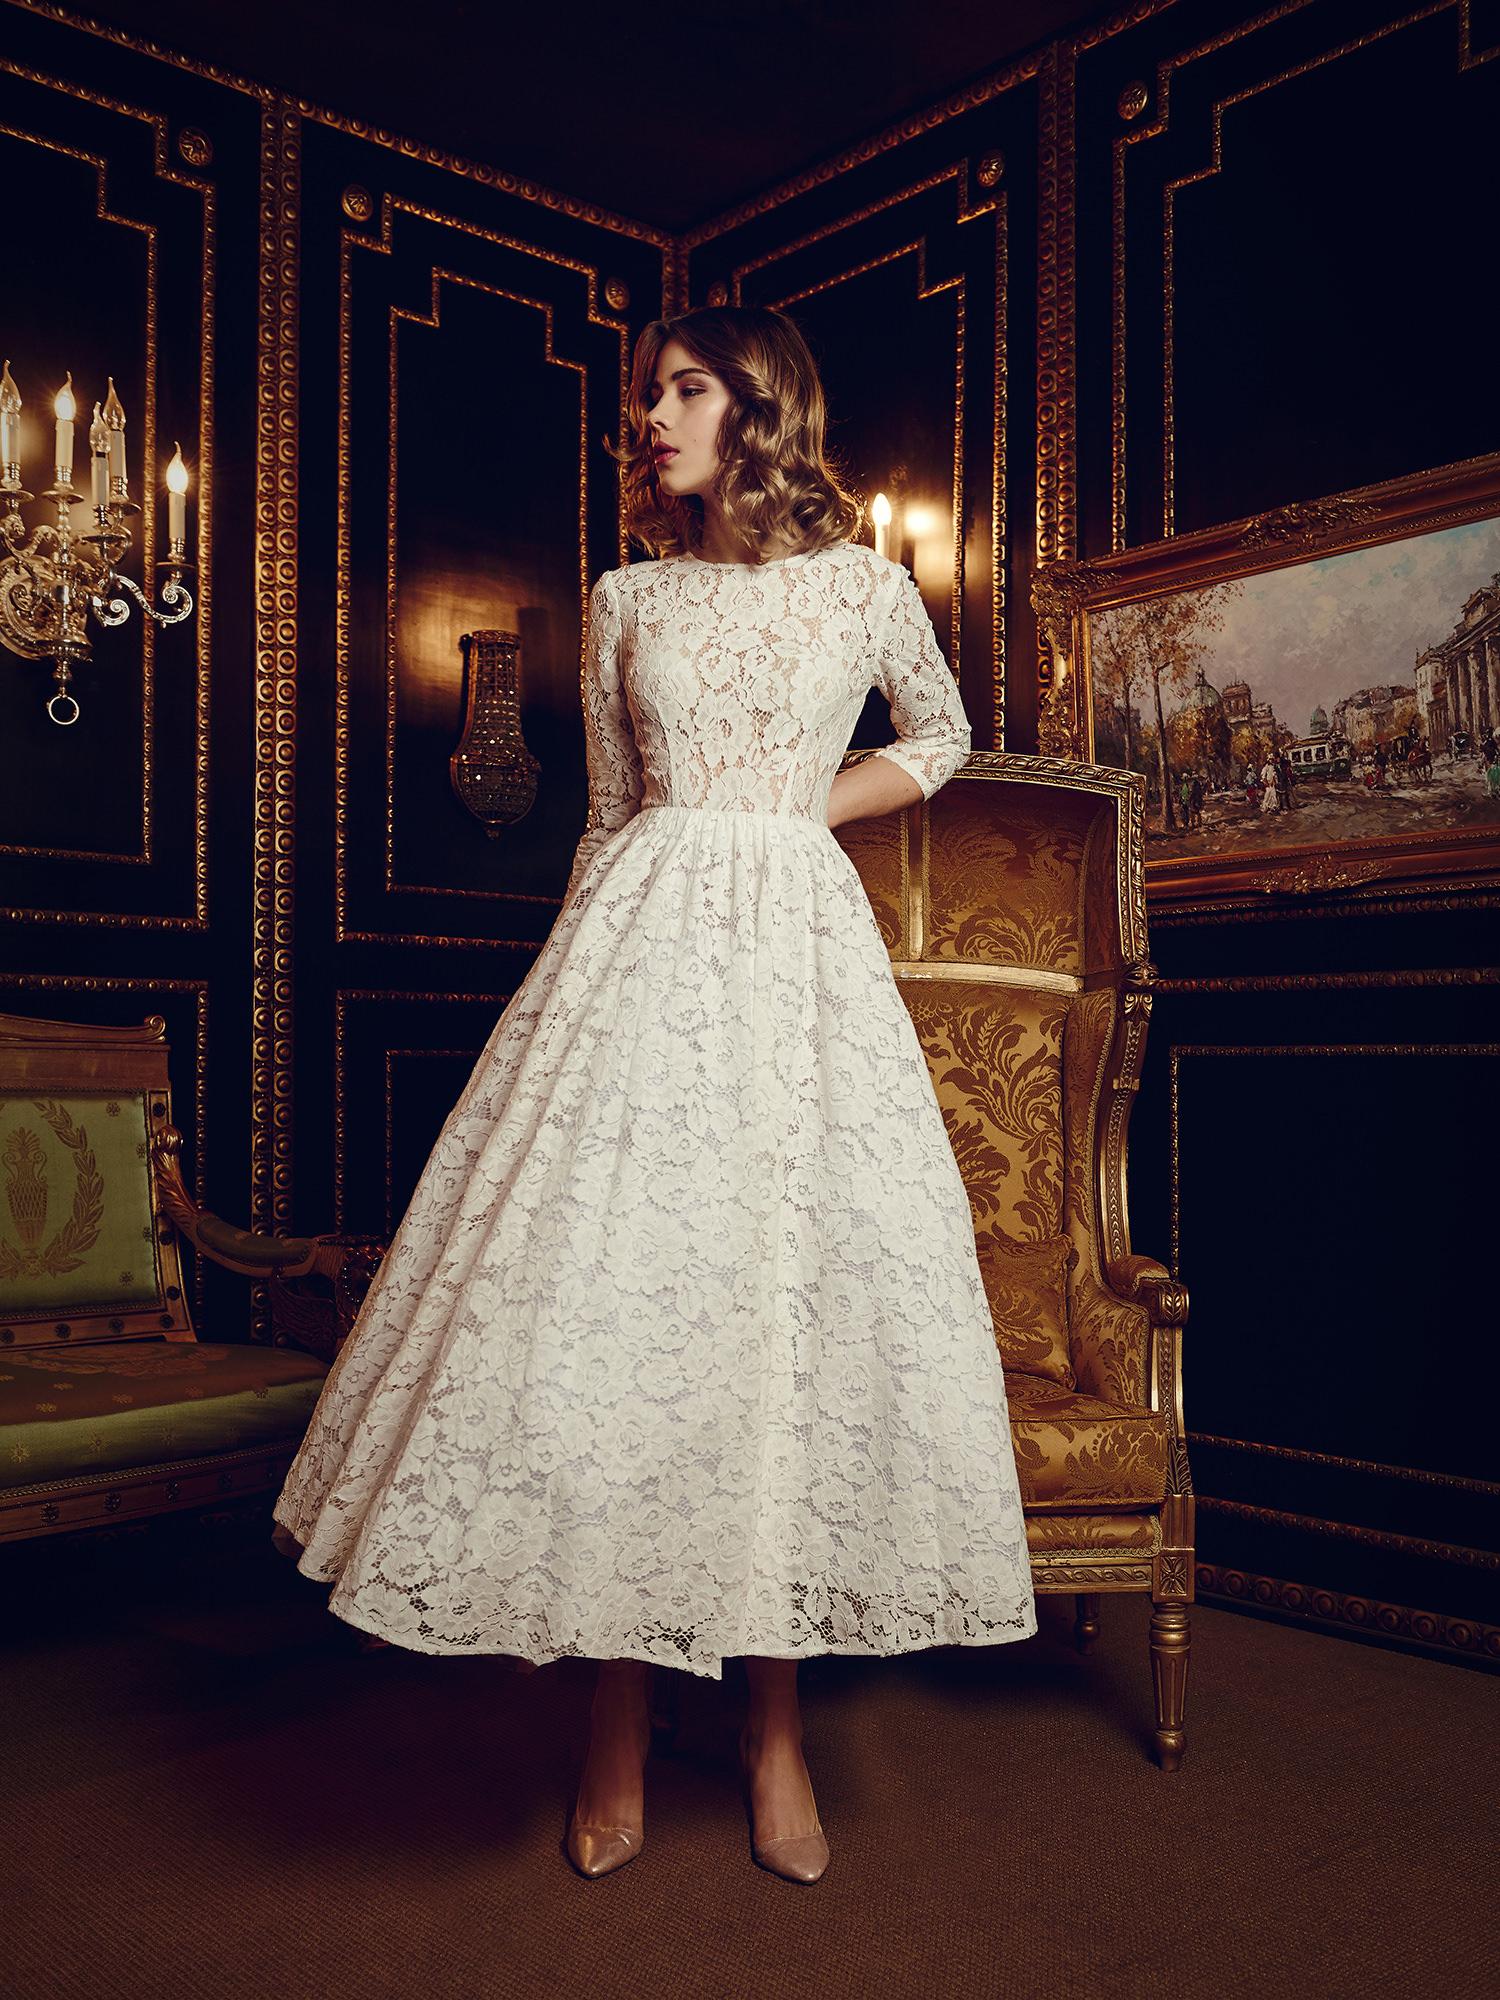 Ziemlich Designer Kleider Für Hochzeitsgäste Bilder - Brautkleider ...